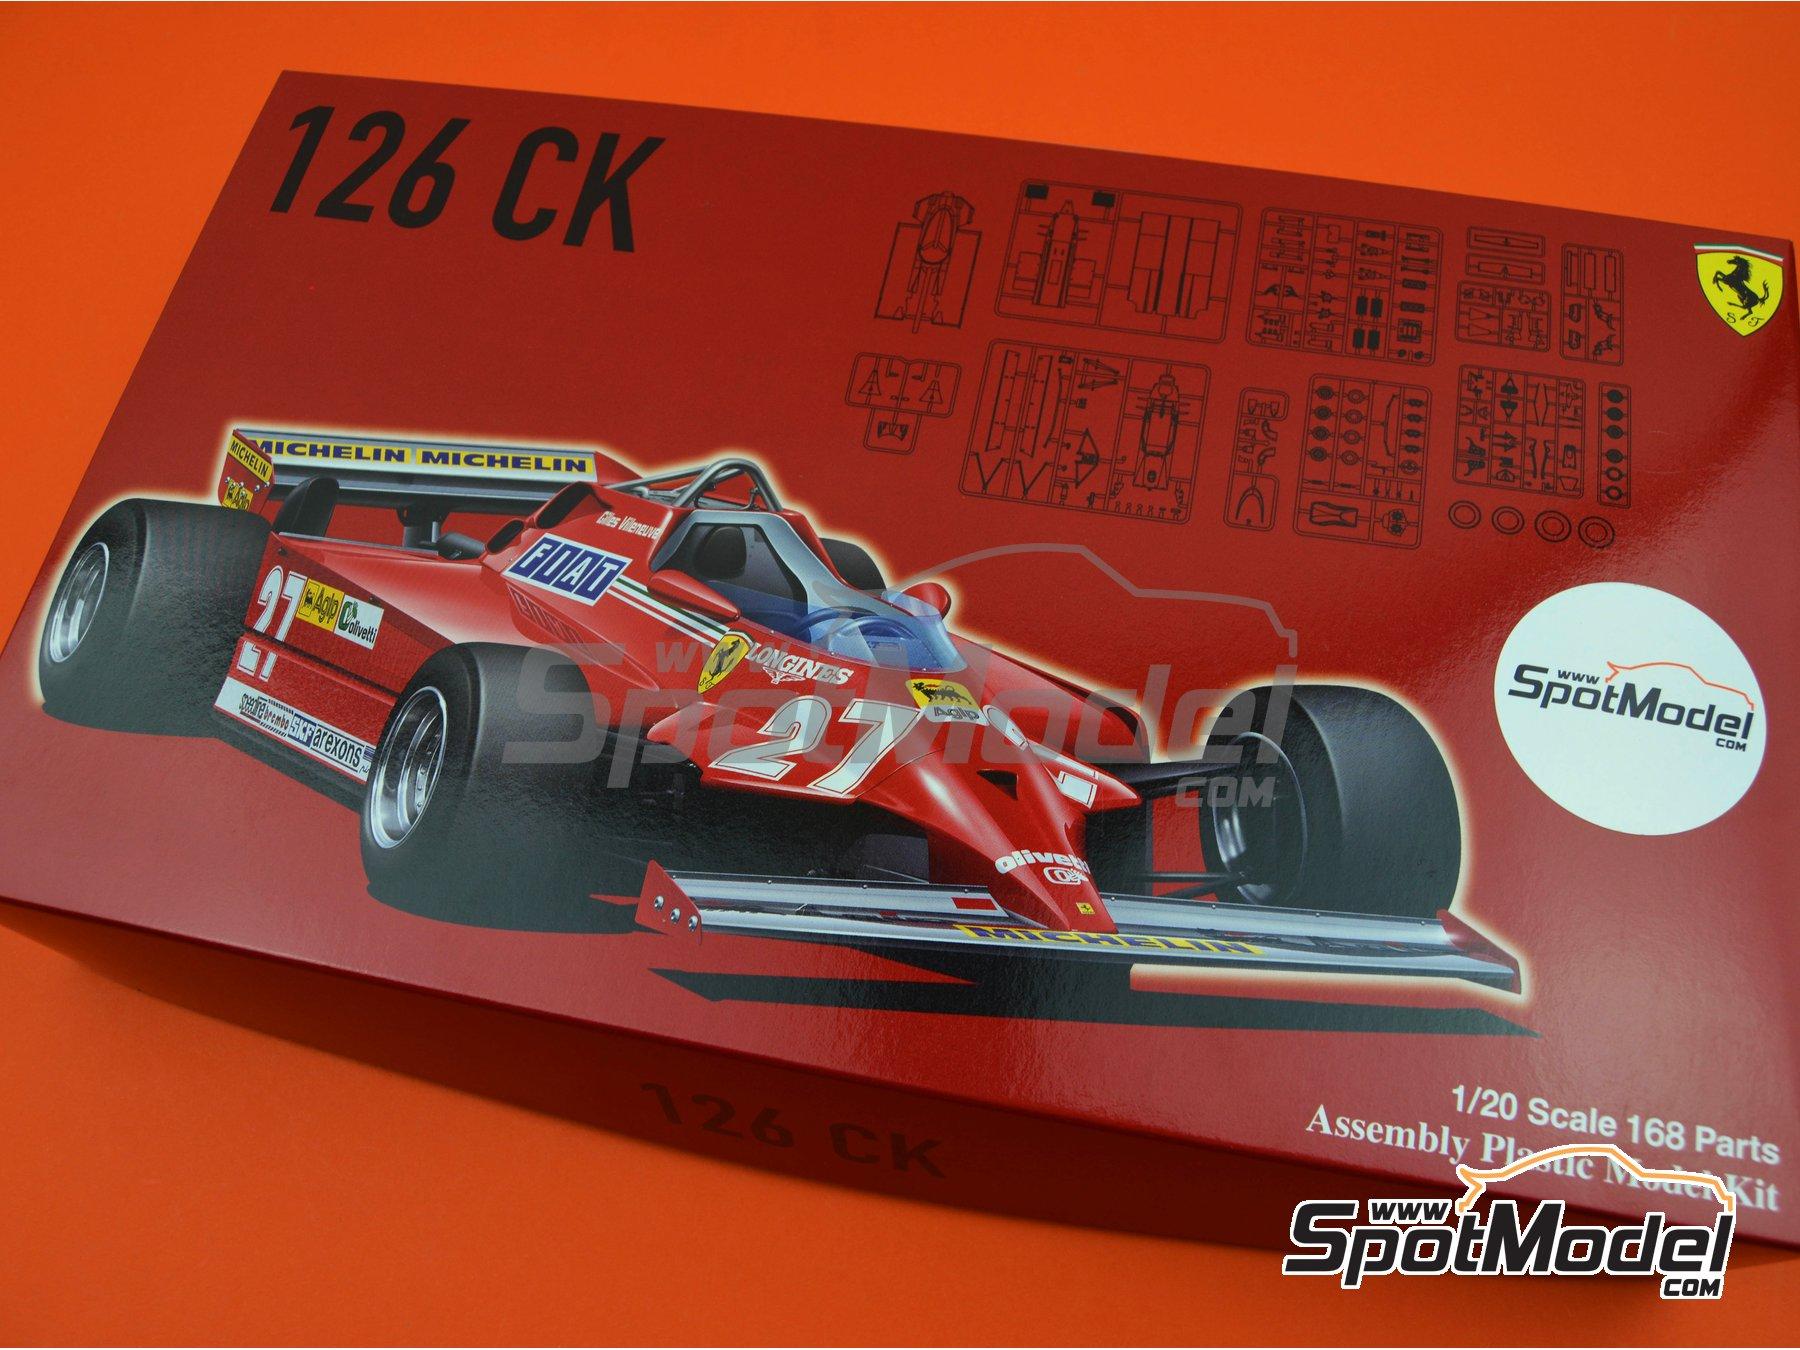 Image 18: Ferrari 126 CK Michelin - Campeonato del Mundo de Formula1 1981 | Maqueta de coche en escala1/20 fabricado por Fujimi (ref.FJ091969, tambien 091969, 09196 y GP-4)